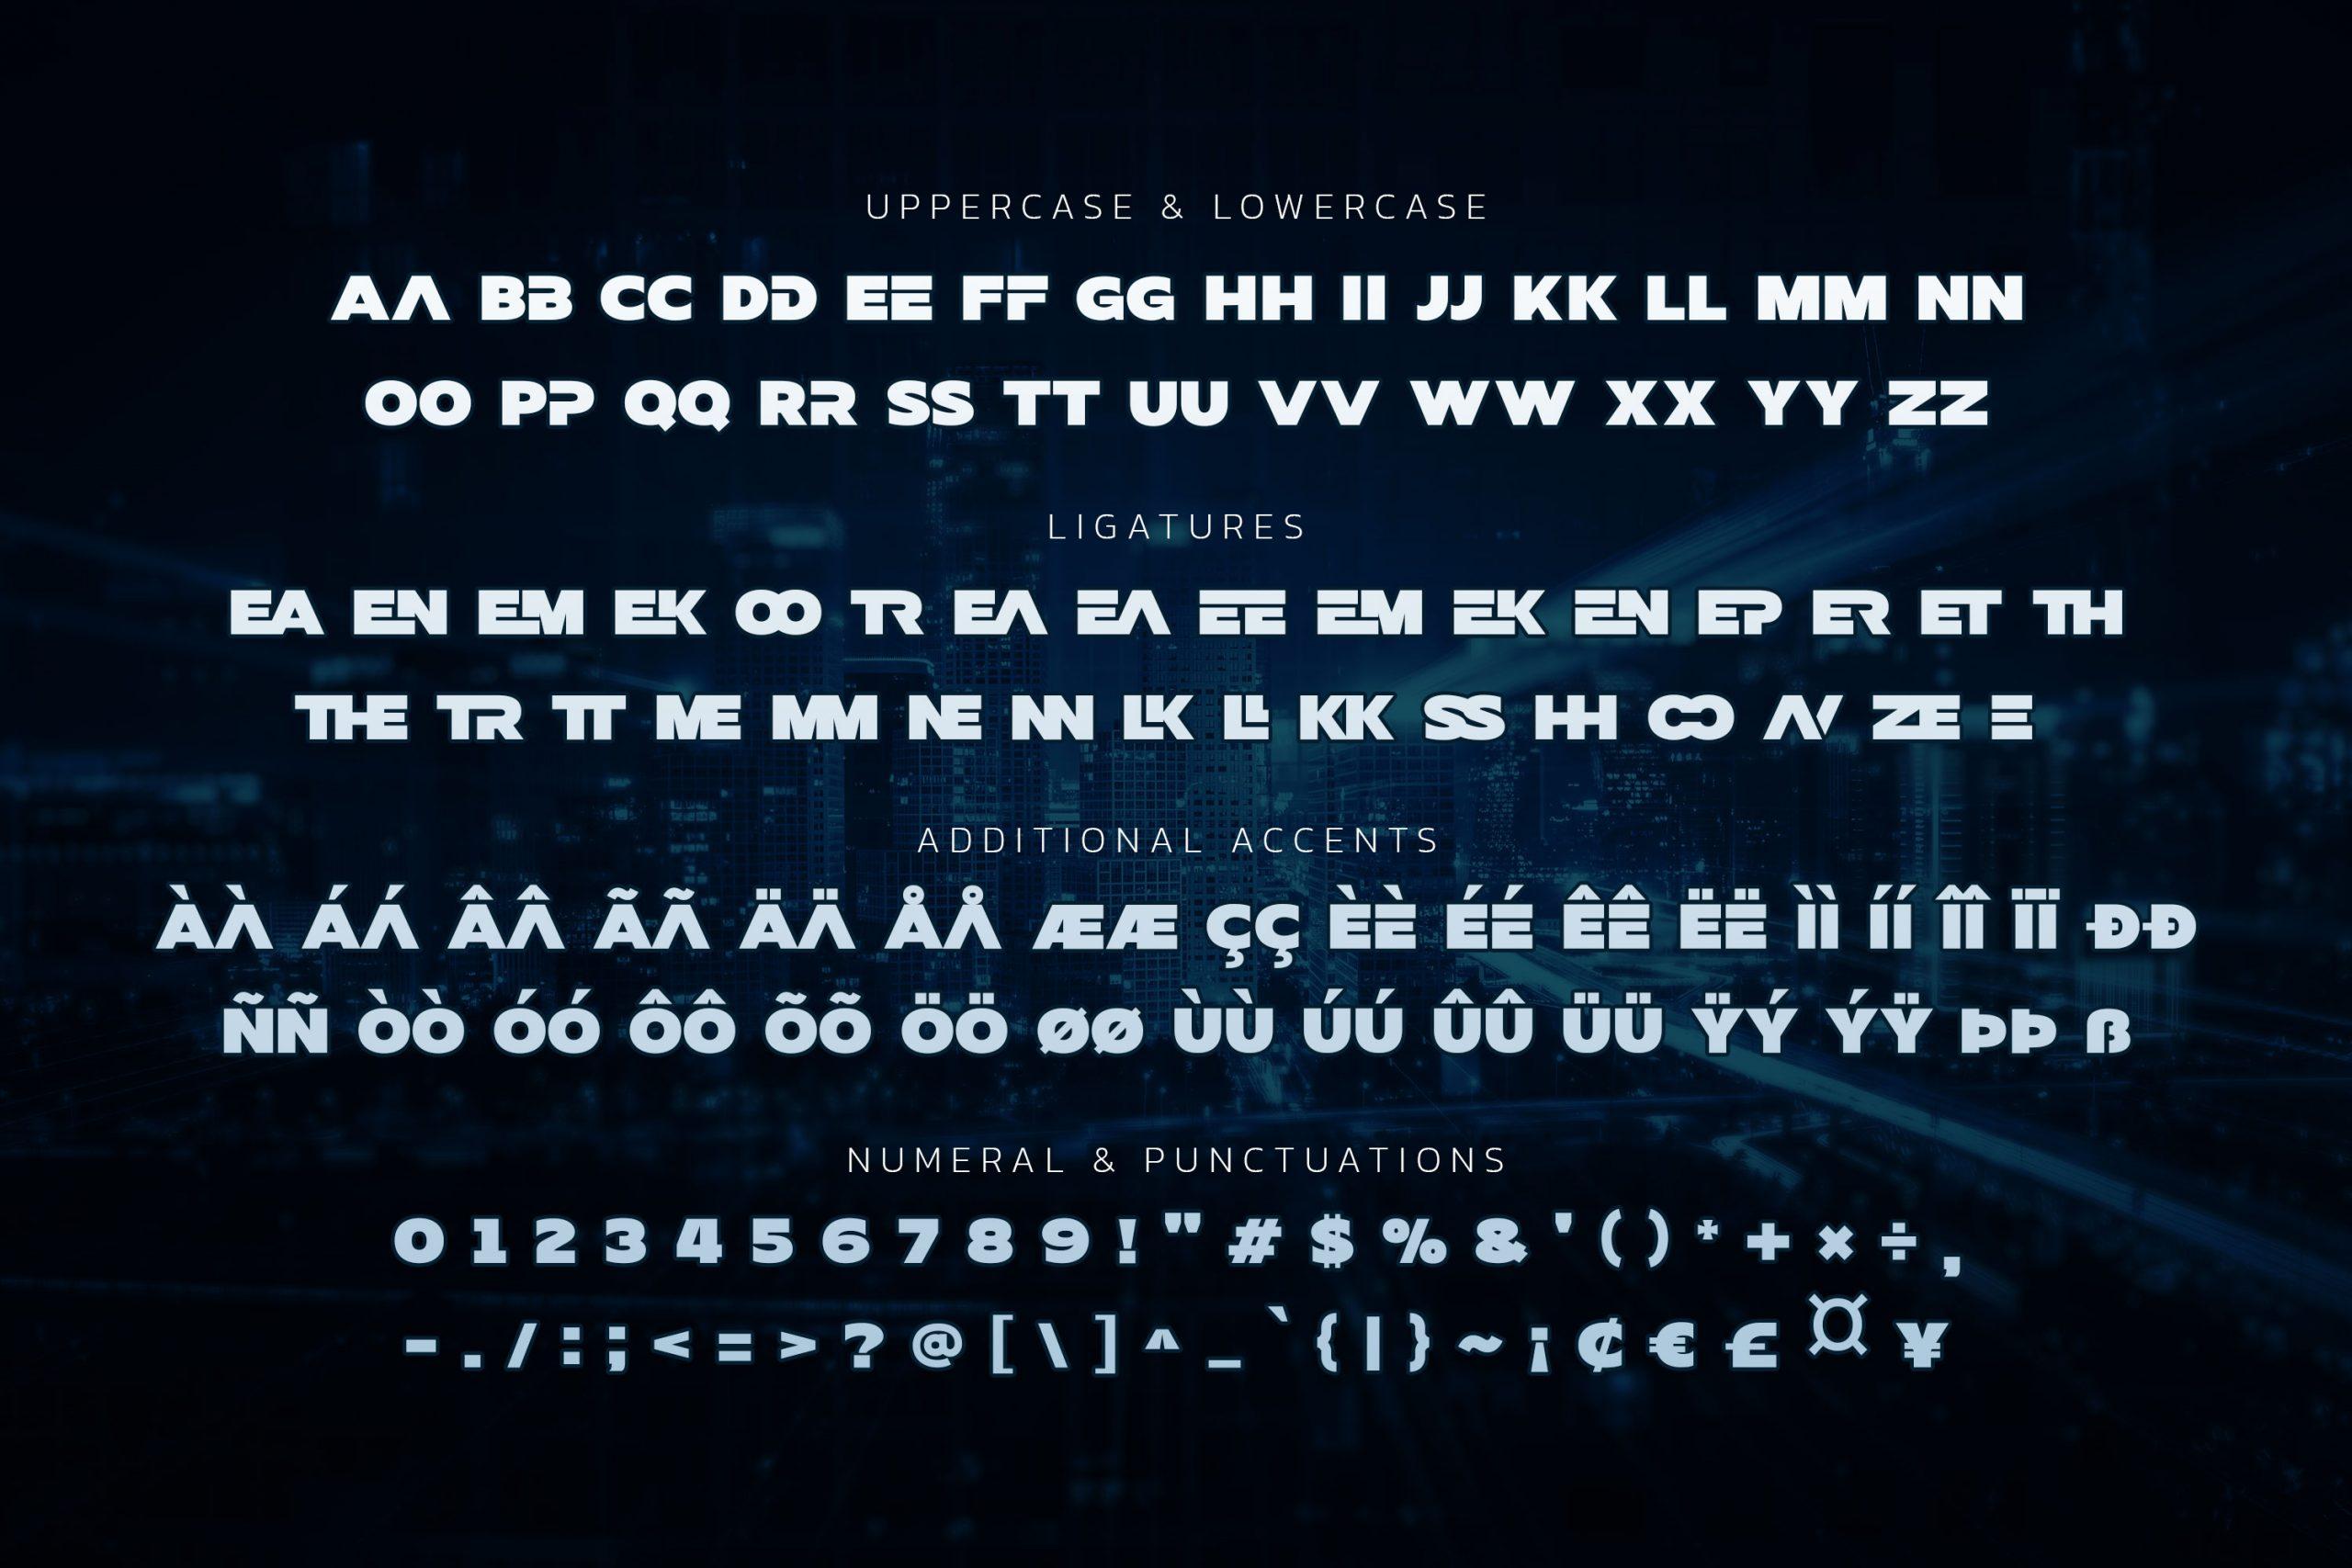 HeezpieroSans Serif Font -3